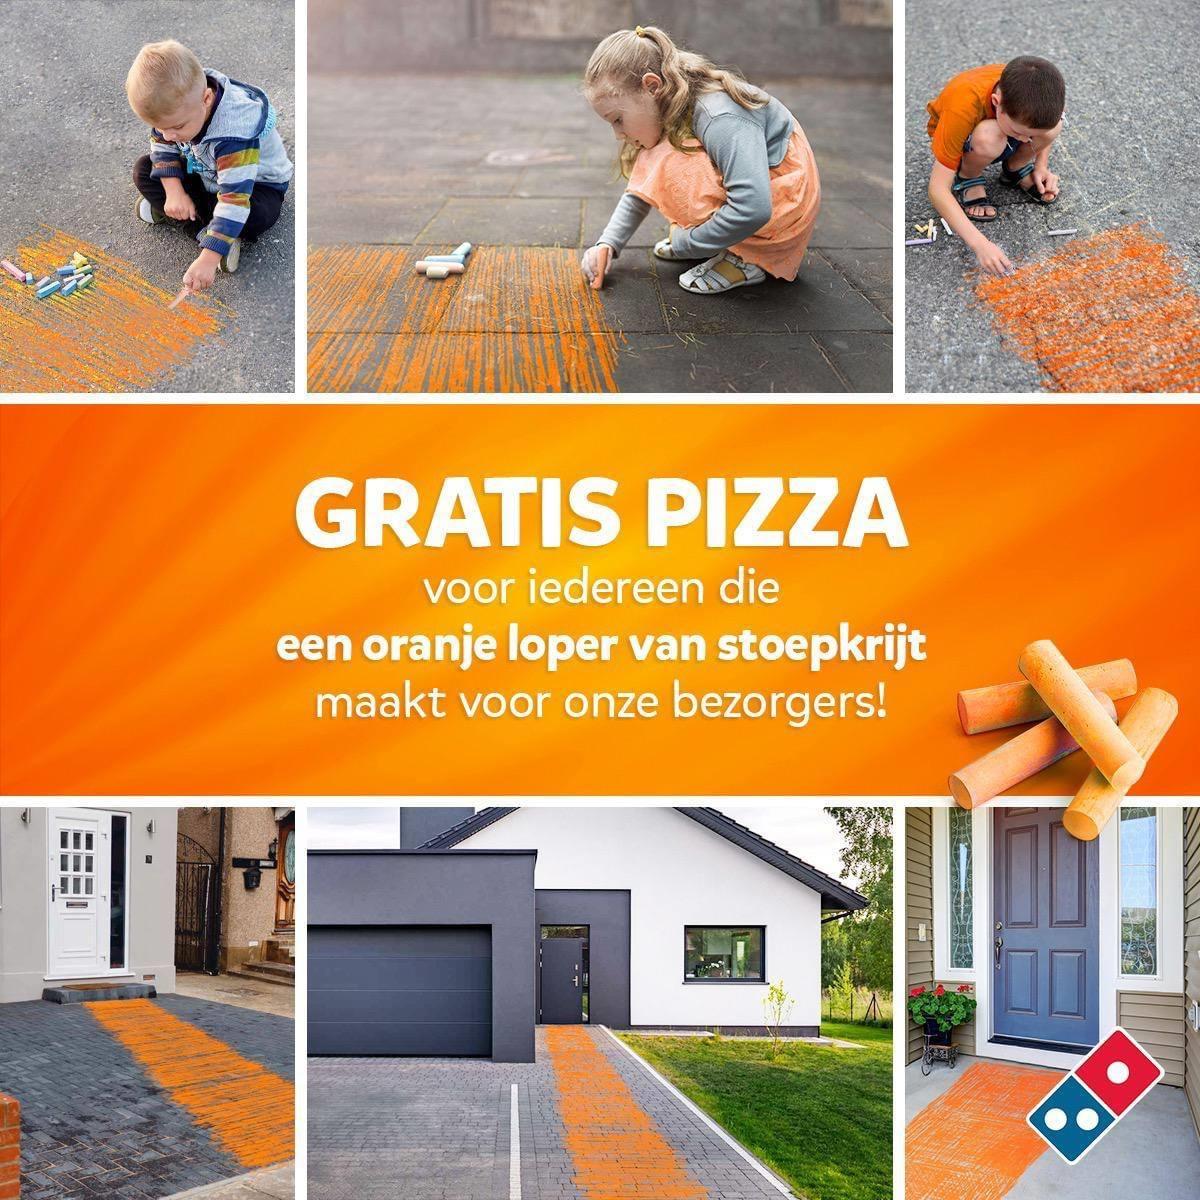 Gratis pizza voor iedereen die oranje loper maakt met stoepkrijt